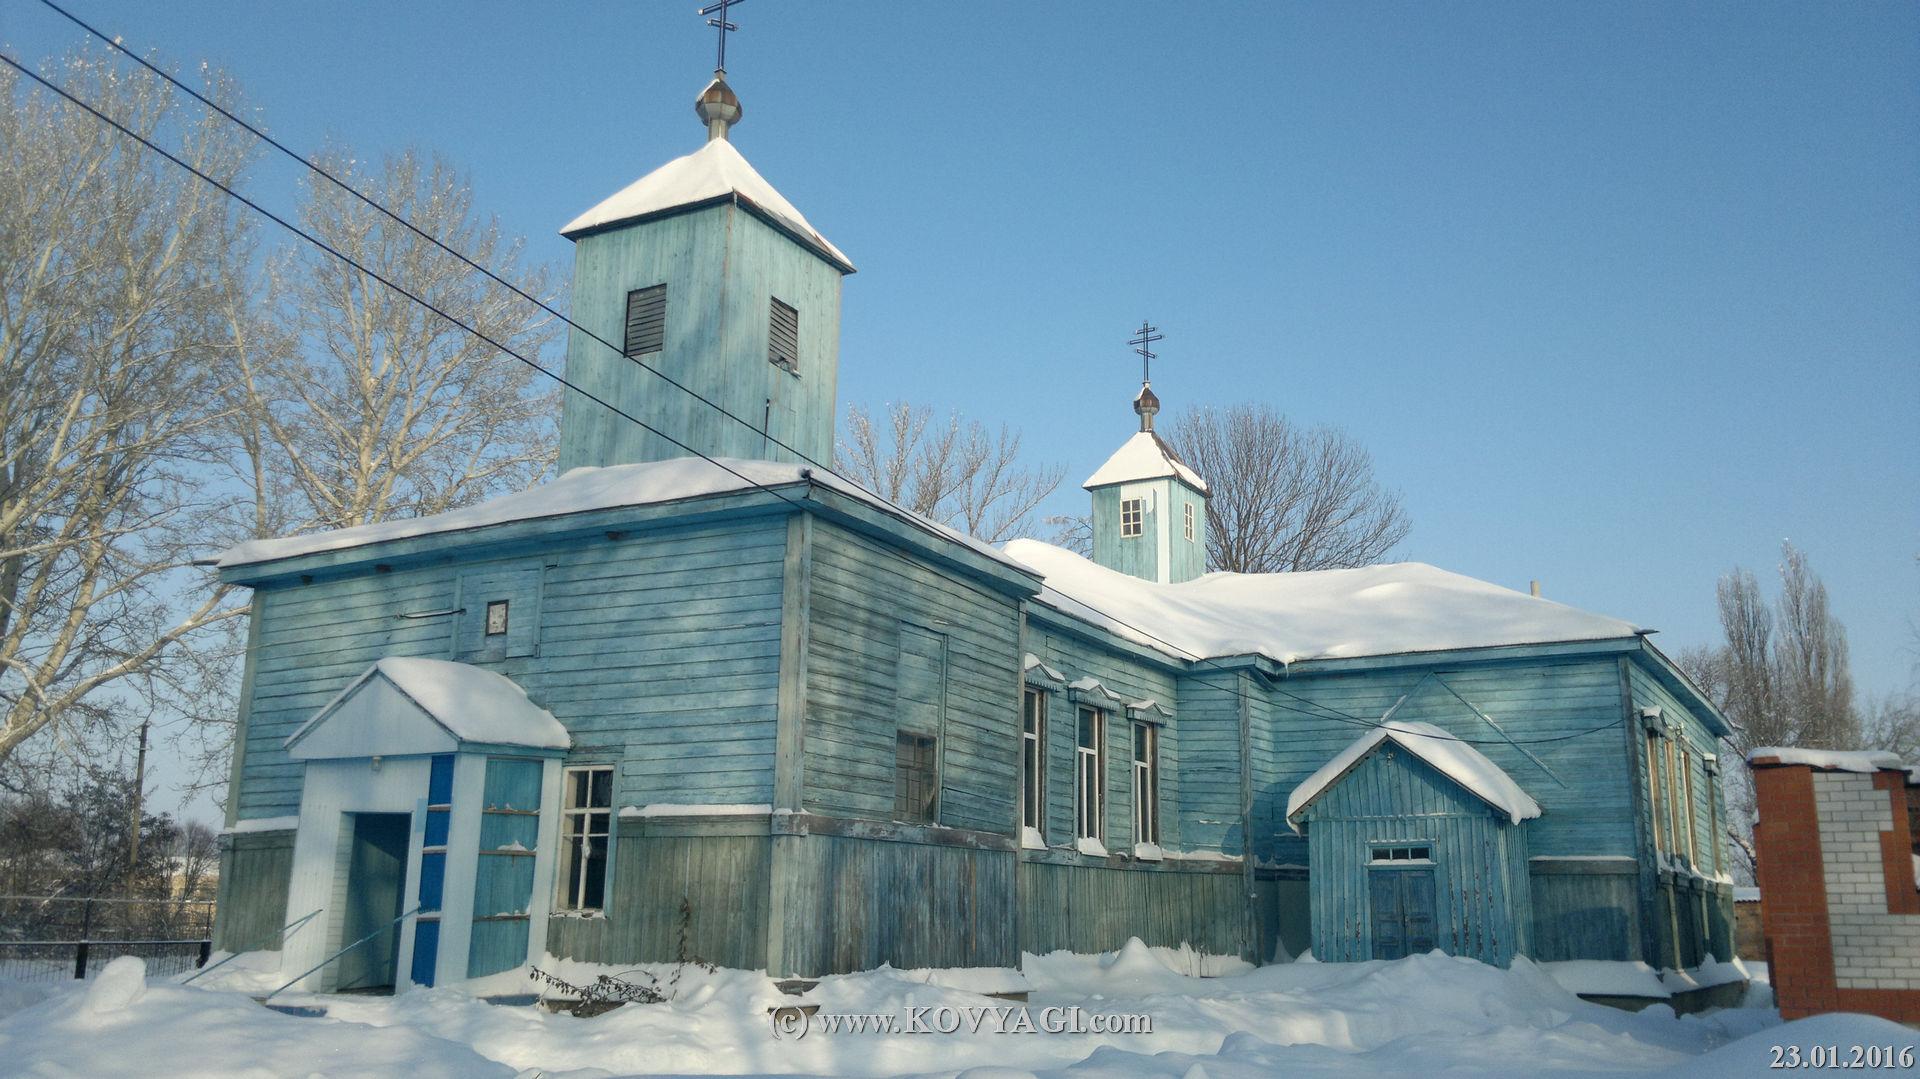 church23012016-4